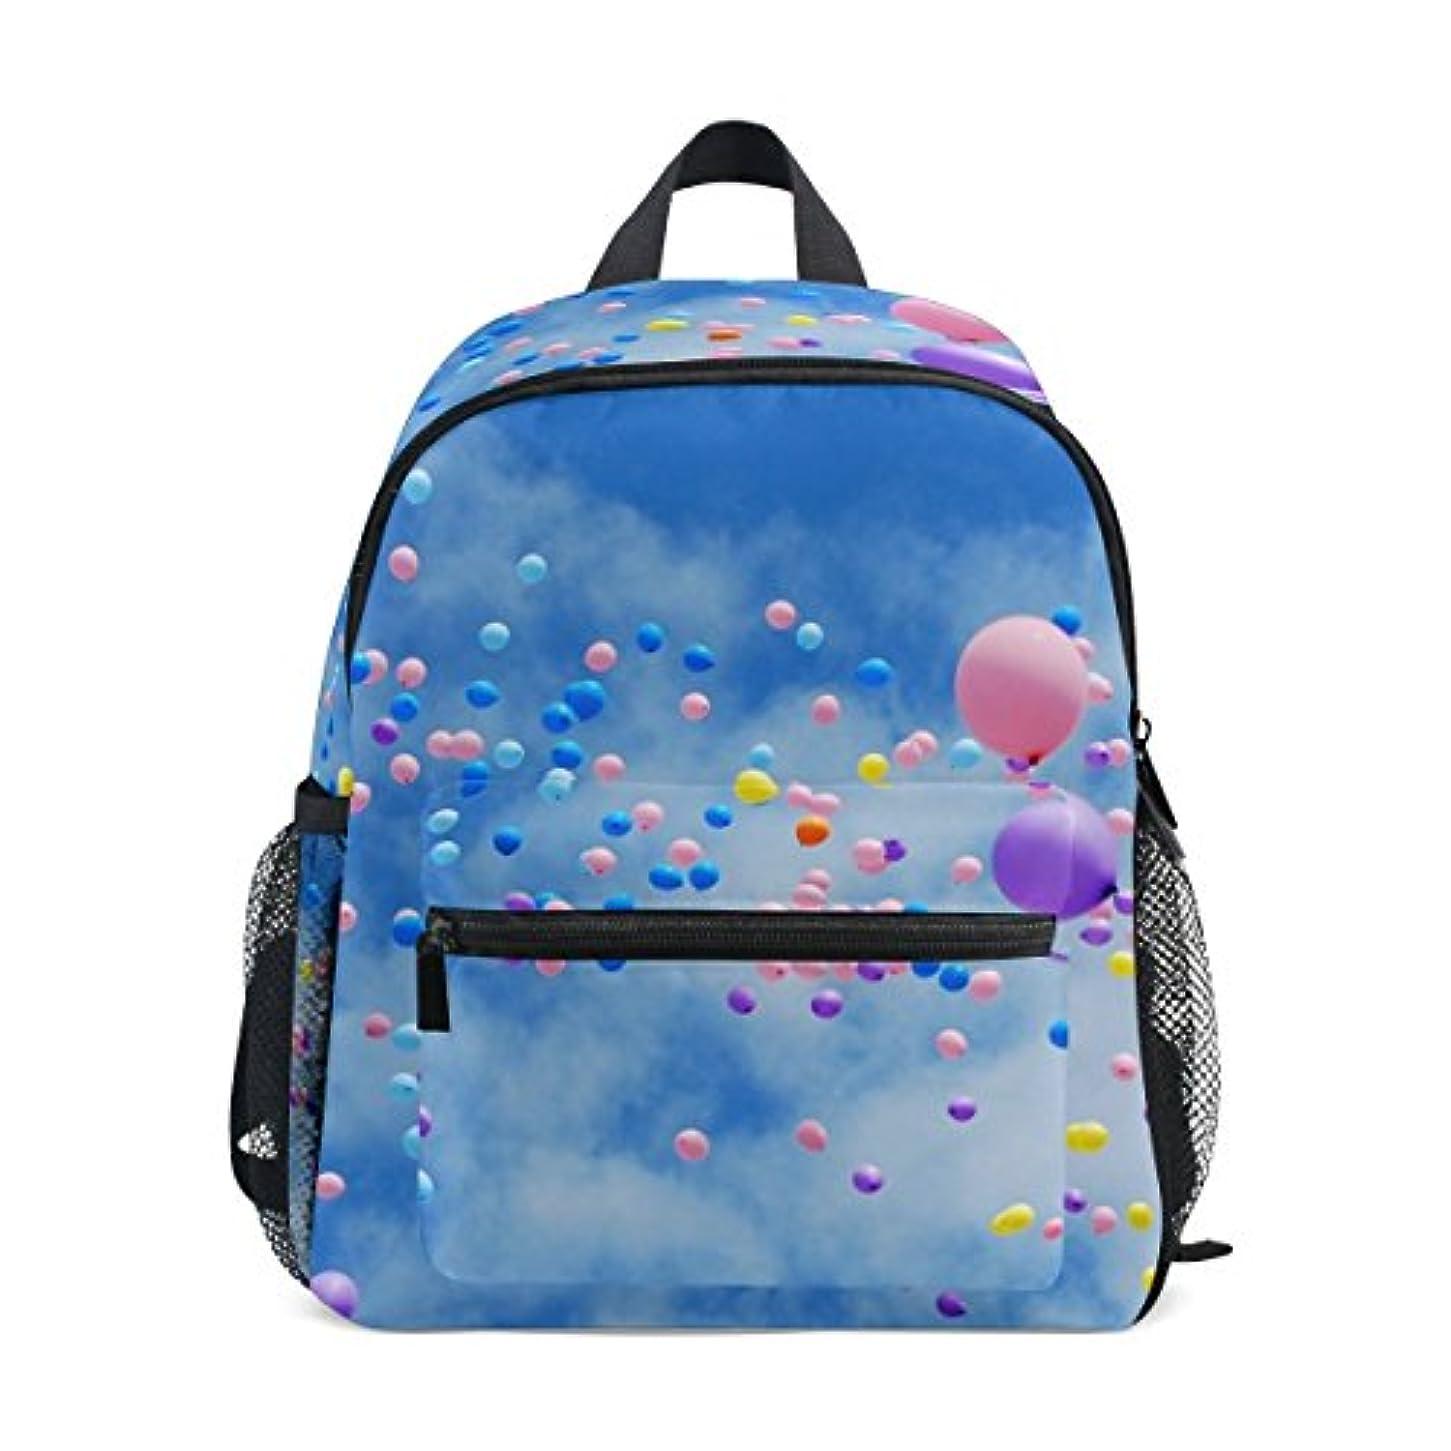 好ましい織機すべきSoreSore(ソレソレ)リュック キッズ 女の子 リュックサック 子供 おしゃれ 男の子 通学 大容量 こども かわいい 小学生 アウトドア 登山 旅行 プレゼント ギフト 贈り物 空 気球 雲 ブルー 青